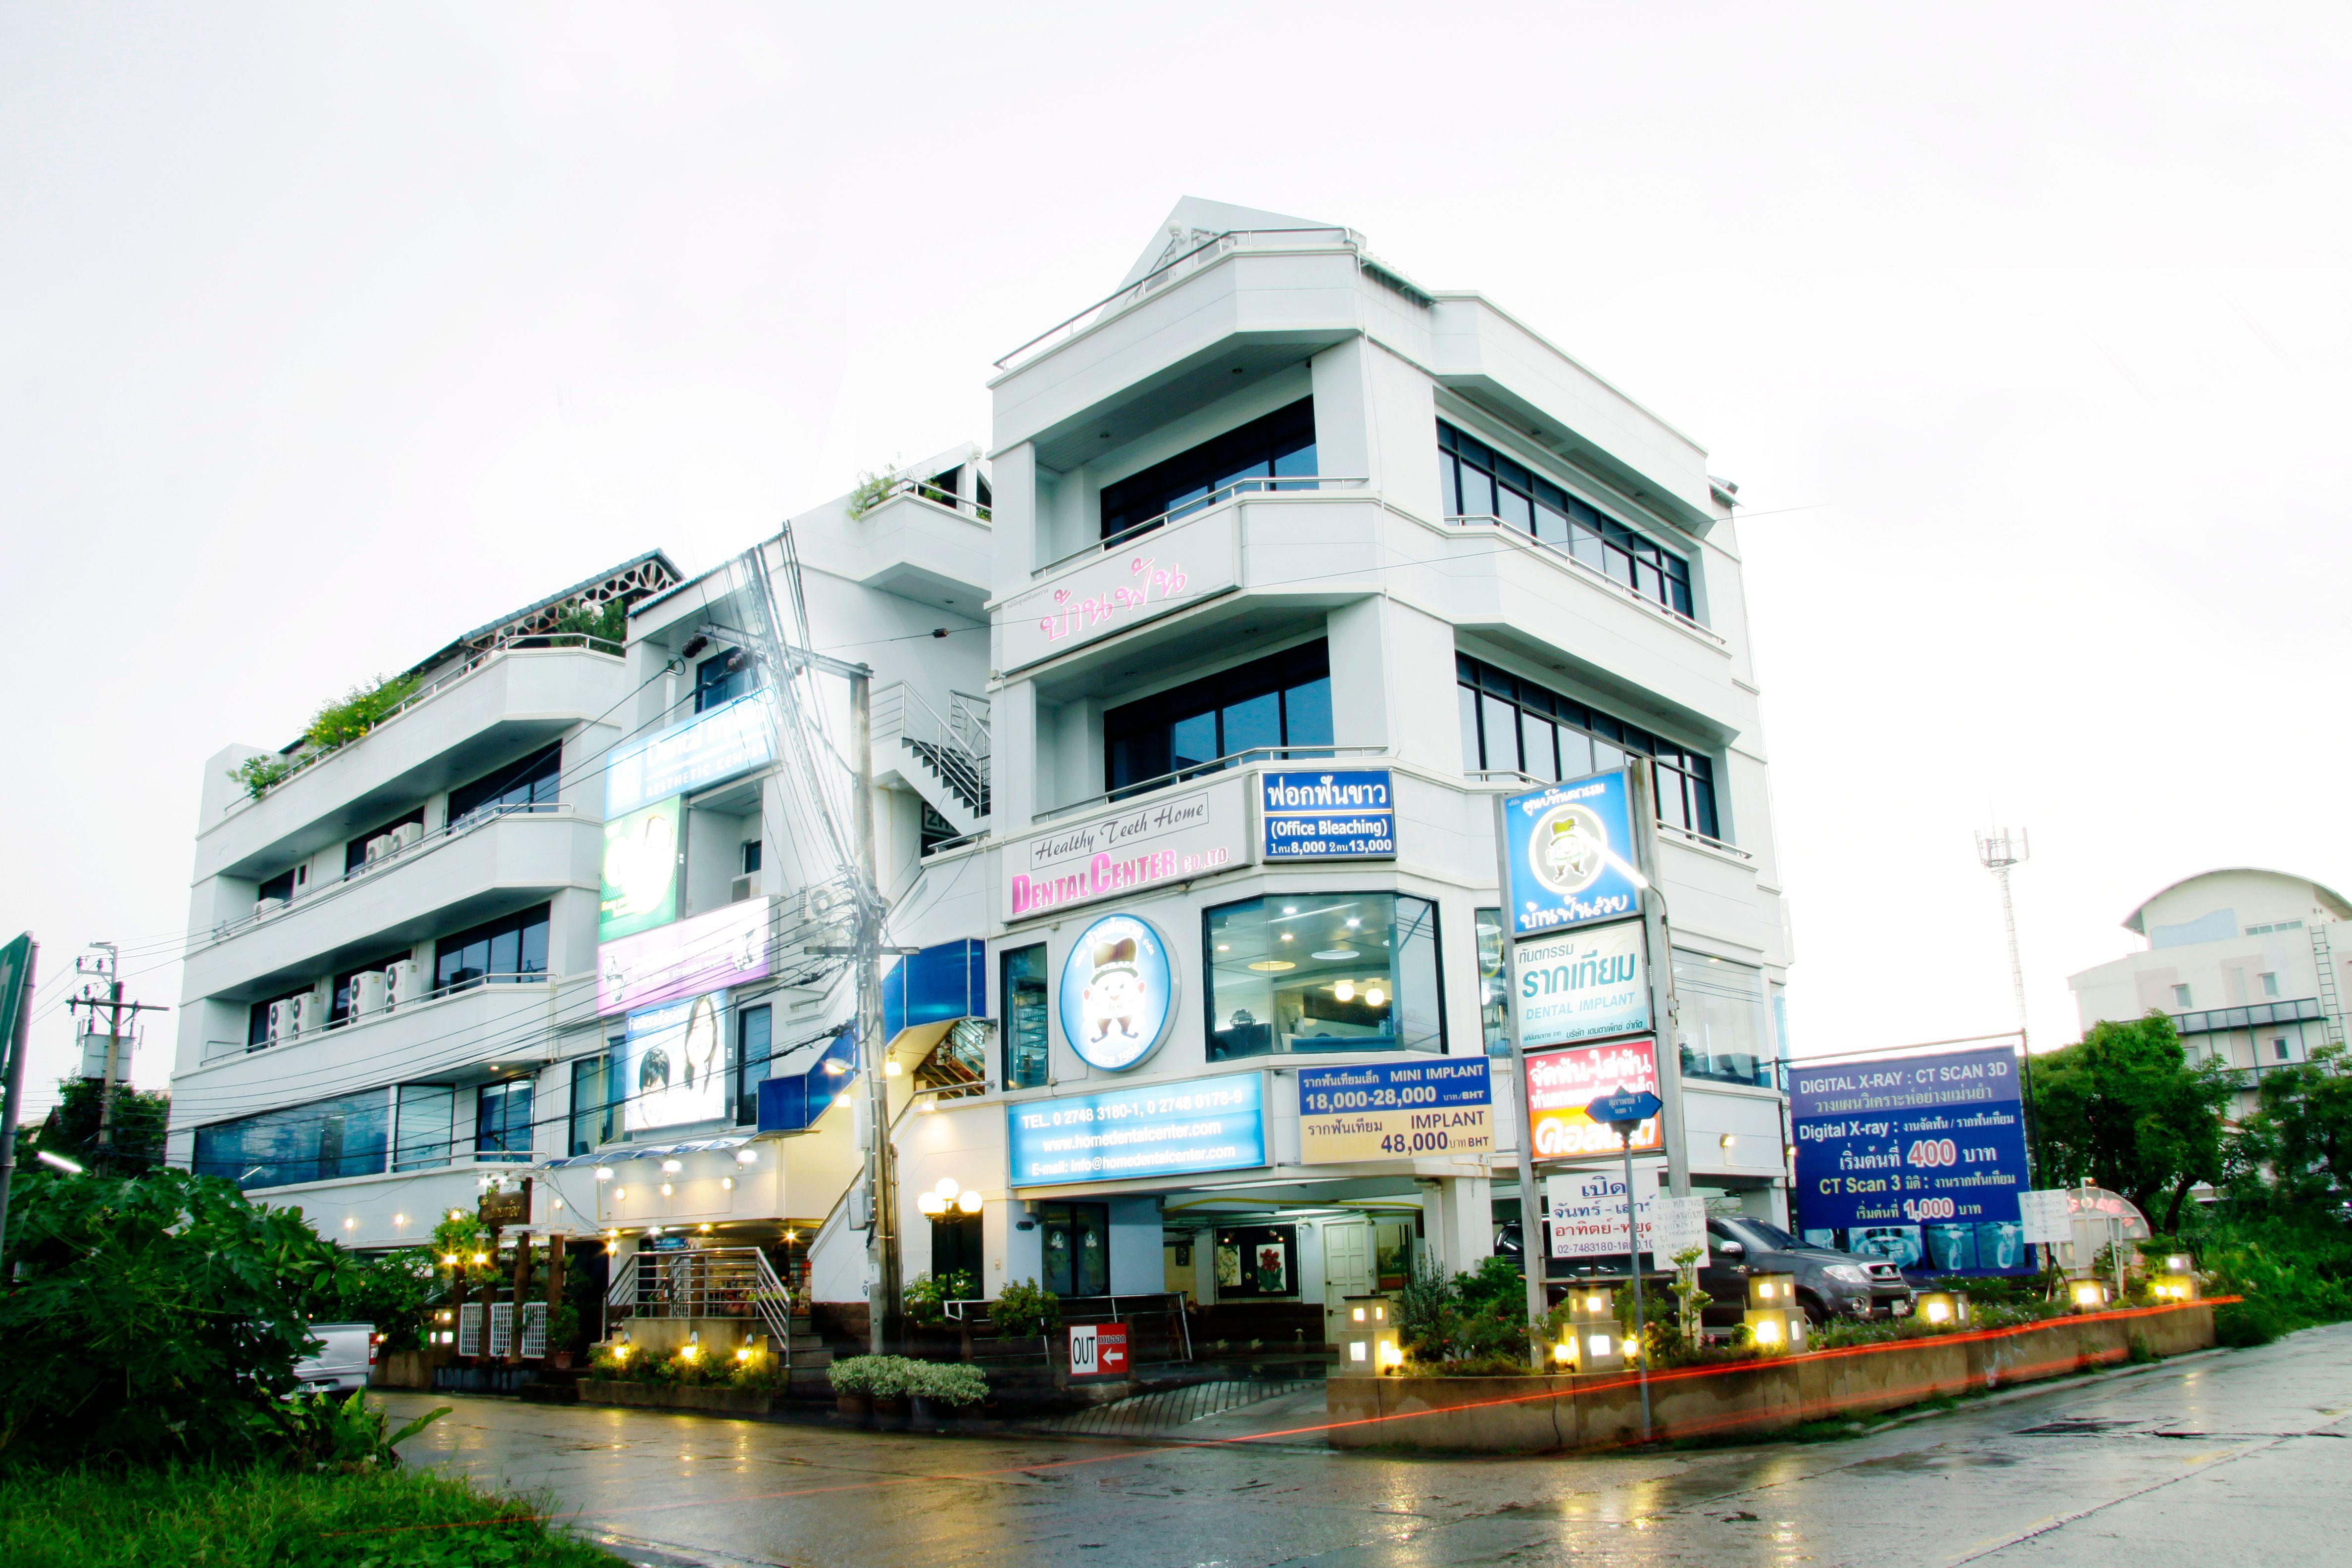 BFC Dental (Srinakarin)